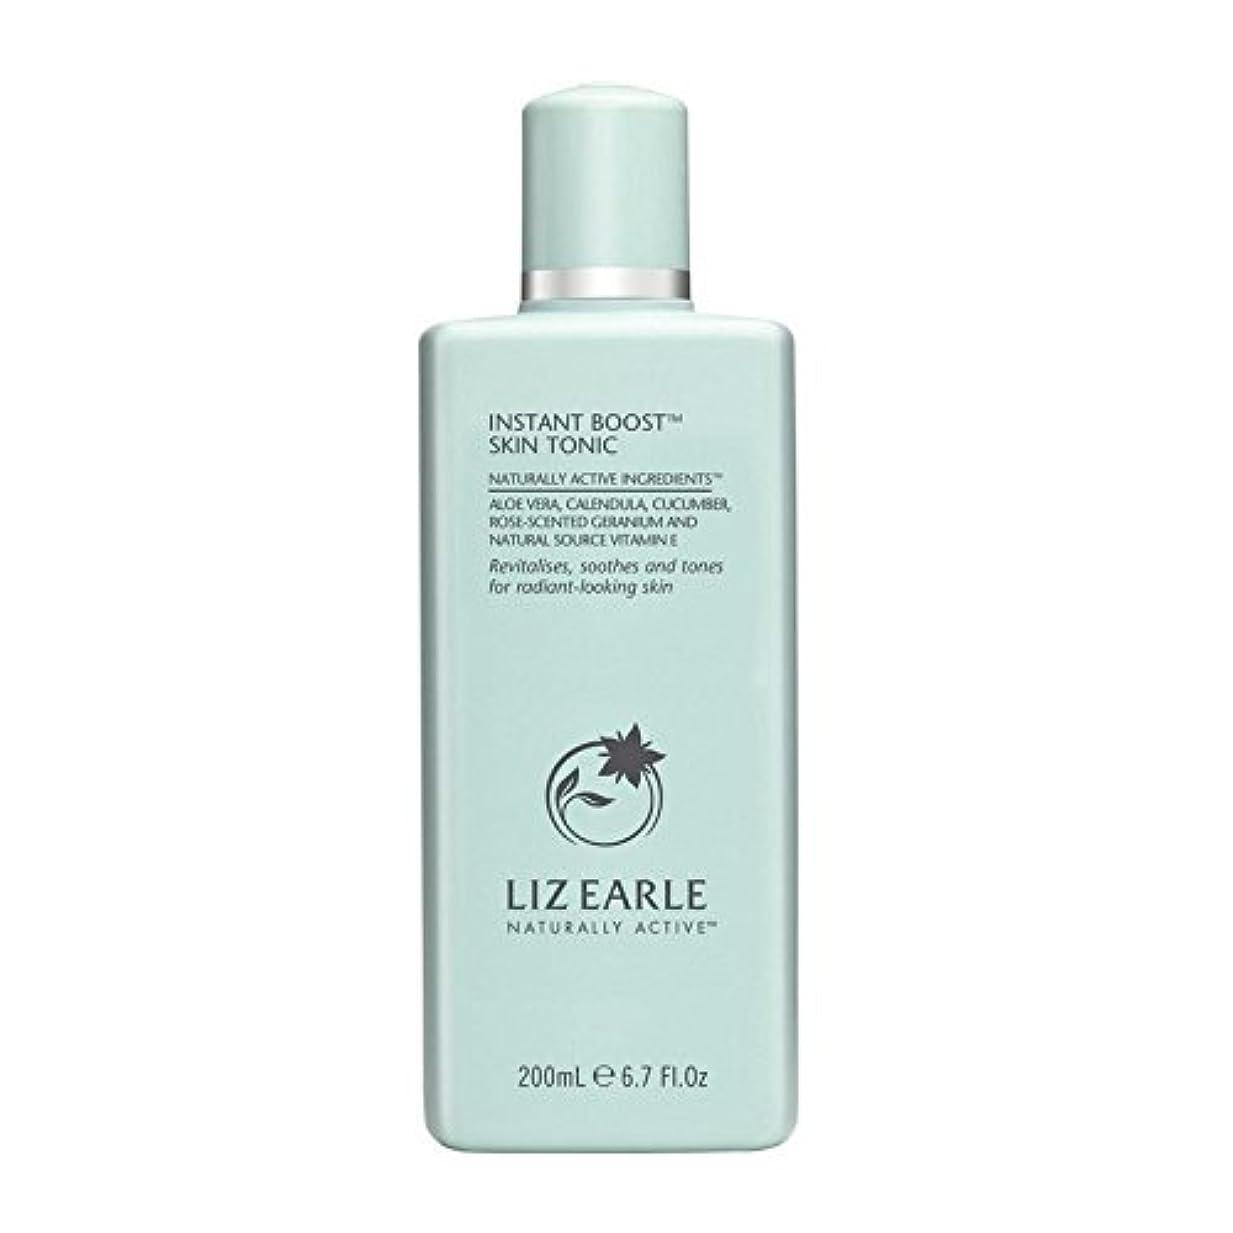 恩赦呼吸交流するLiz Earle Instant Boost Skin Tonic Bottle 200ml (Pack of 6) - リズアールインスタントブーストスキントニックボトル200ミリリットル x6 [並行輸入品]